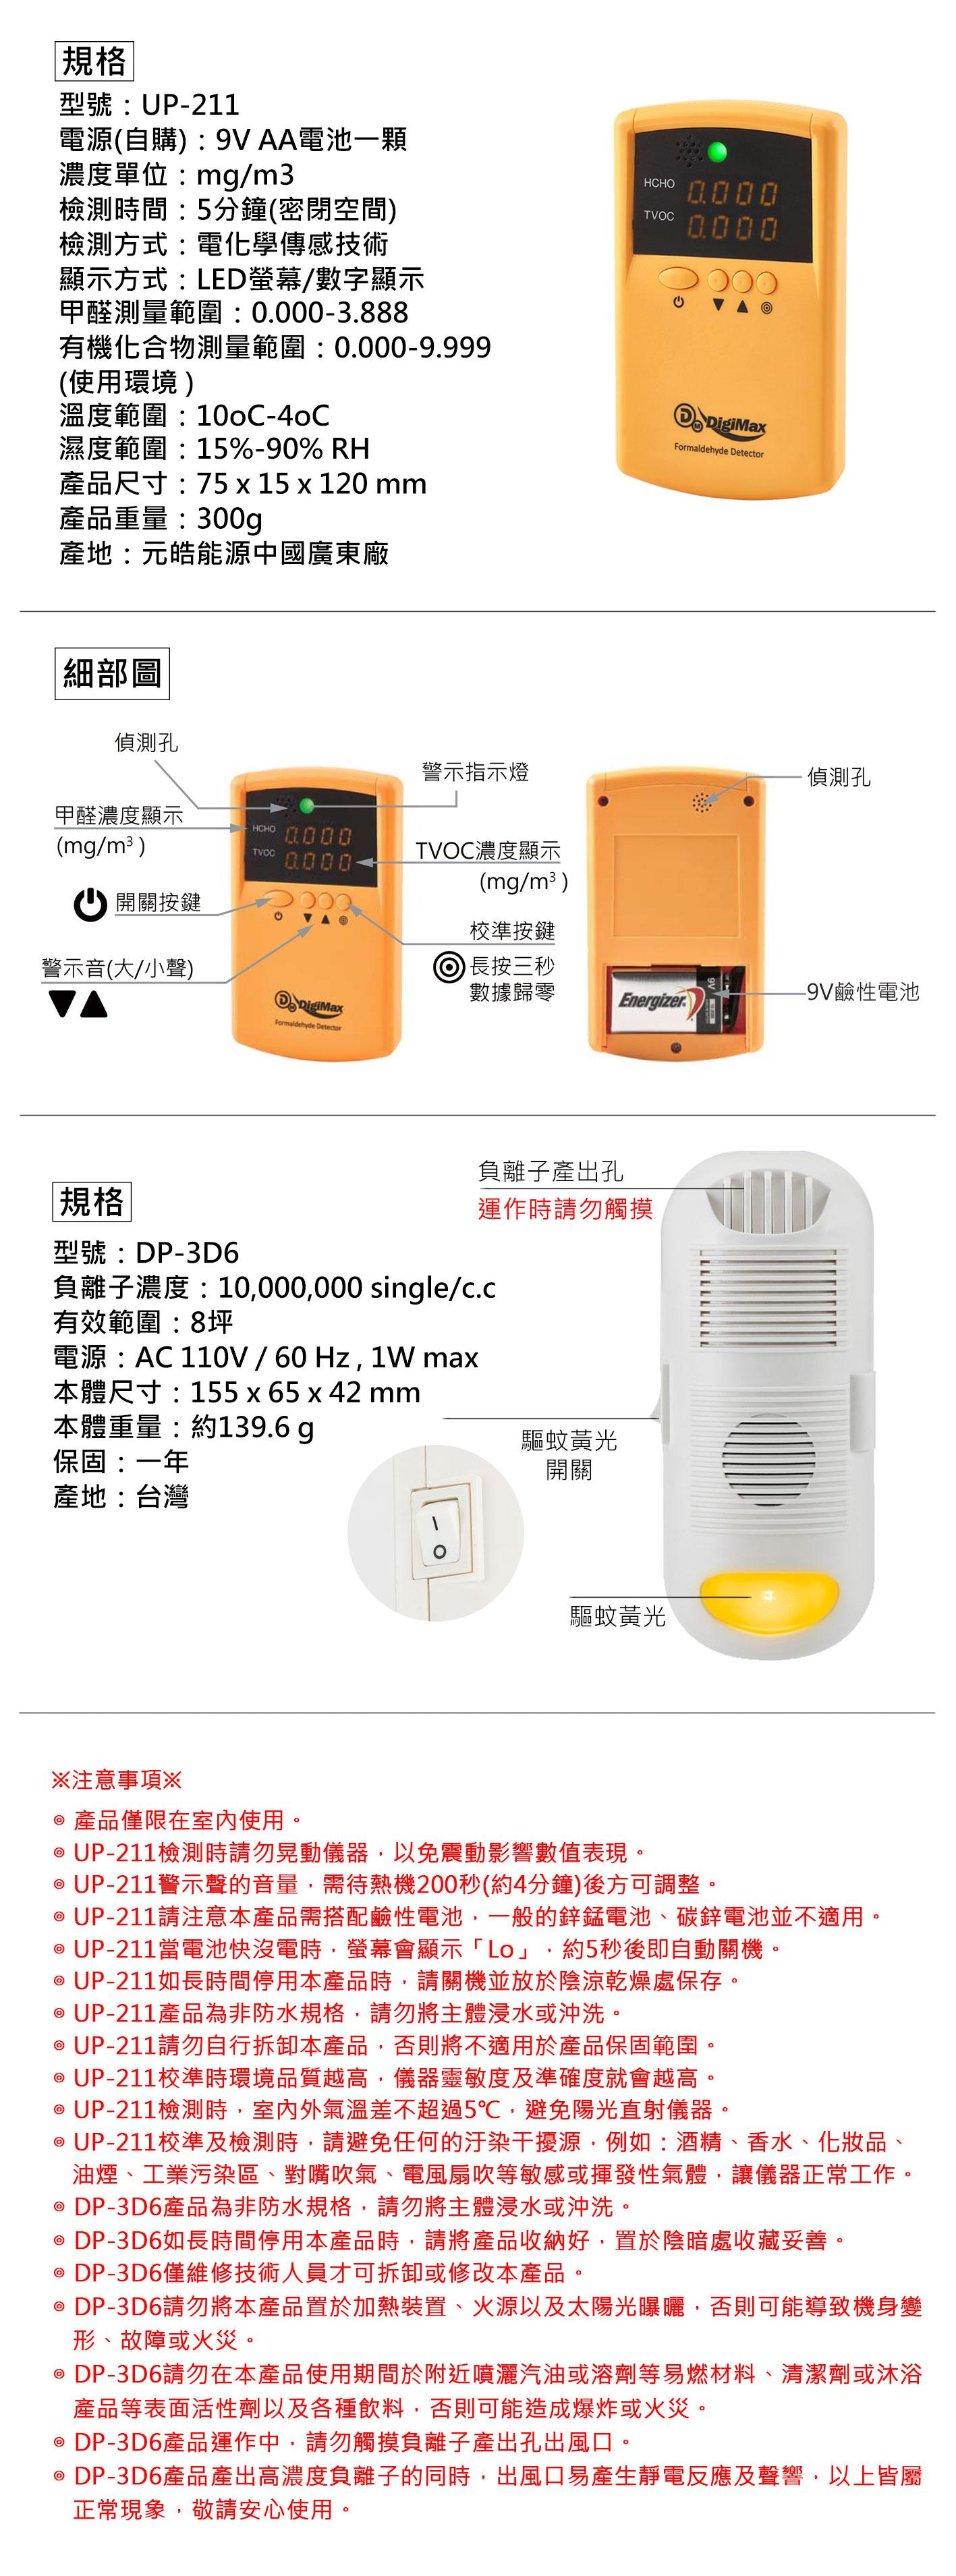 『偵偵甲甲』雙效空氣清淨組 DigiMax★UP-211 便利攜帶式甲醛檢測儀 x DP-3D6 強效型負離子空氣清淨機 商品規格